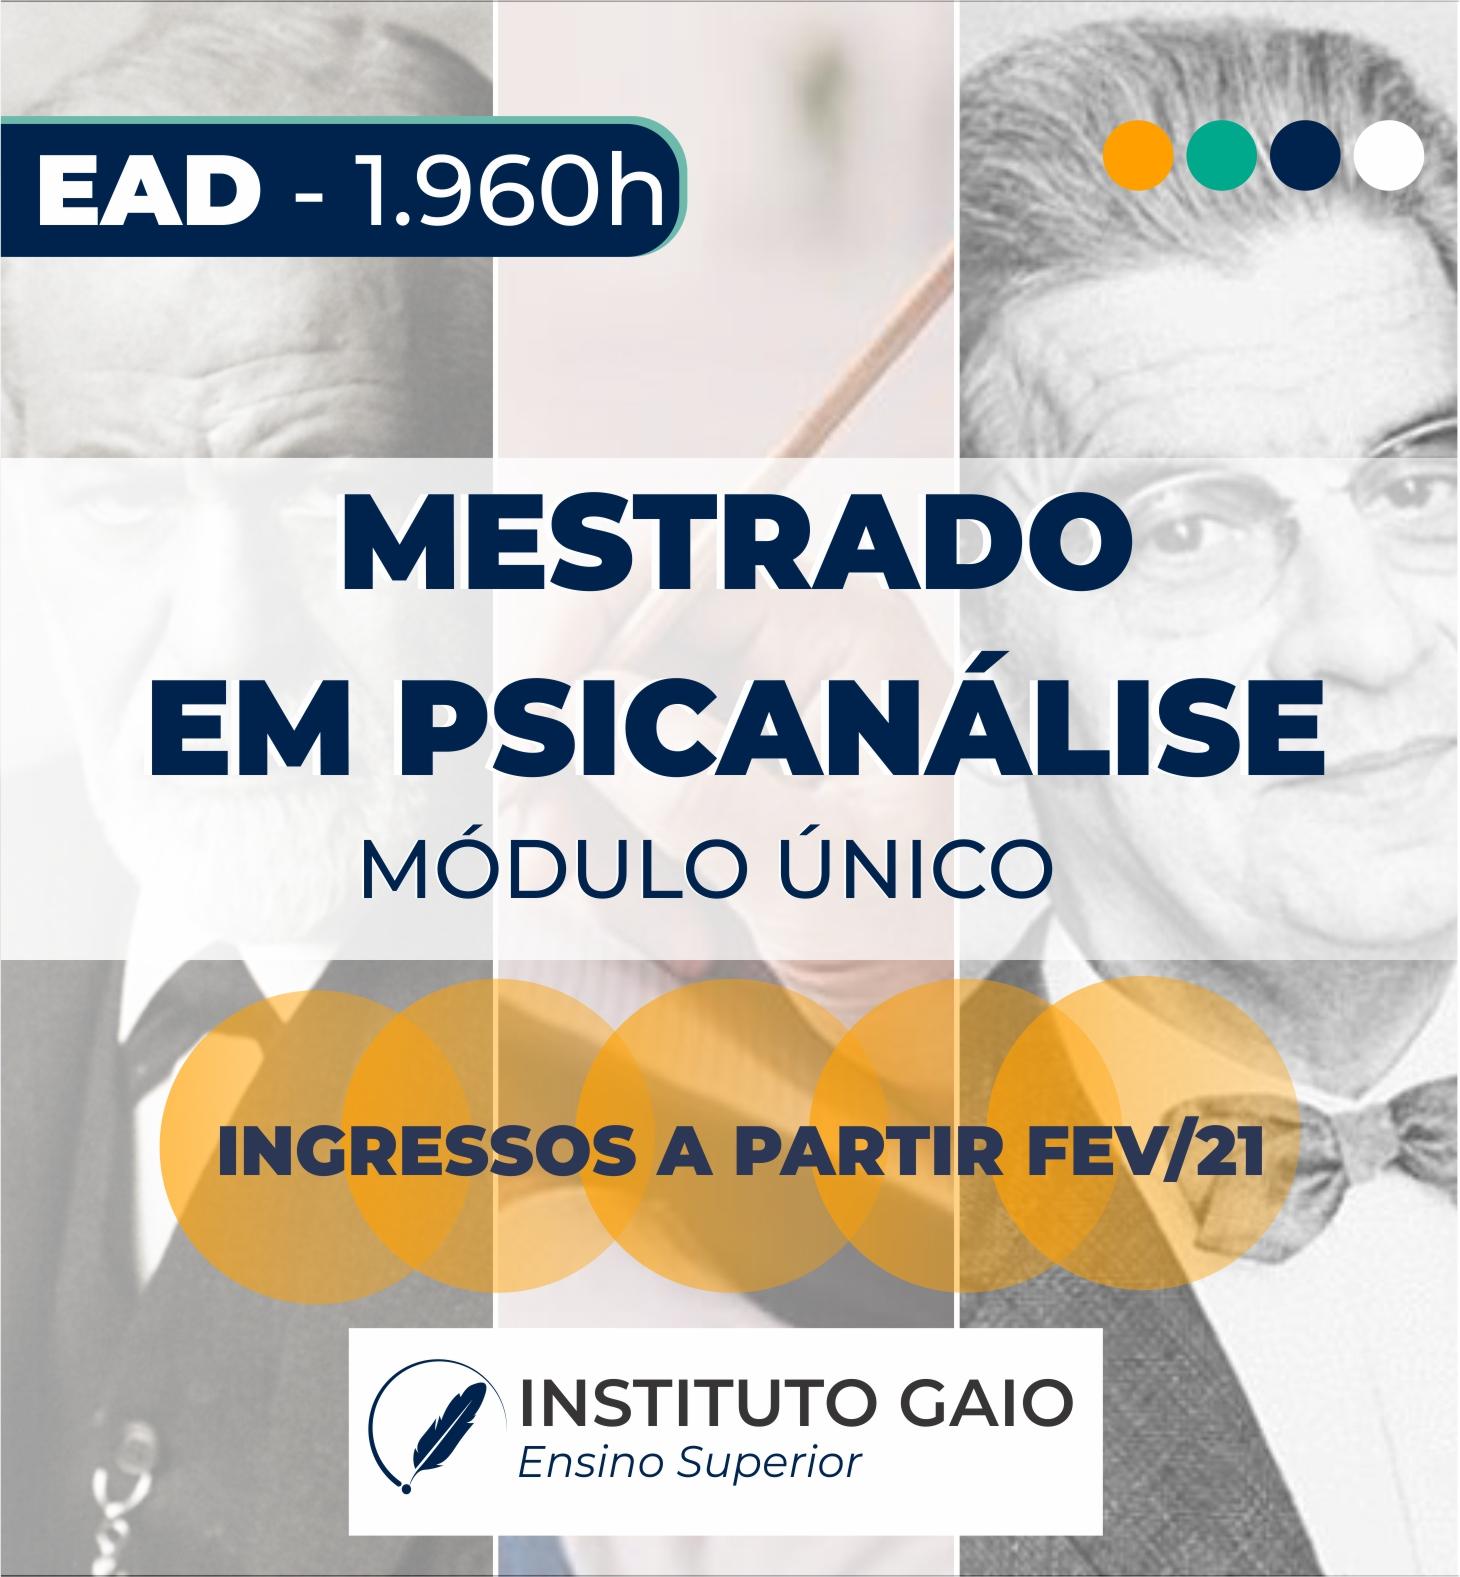 MESTRADO EM PSICANÁLISE – EAD – INGRESSO FEV – 2021 -1.960h